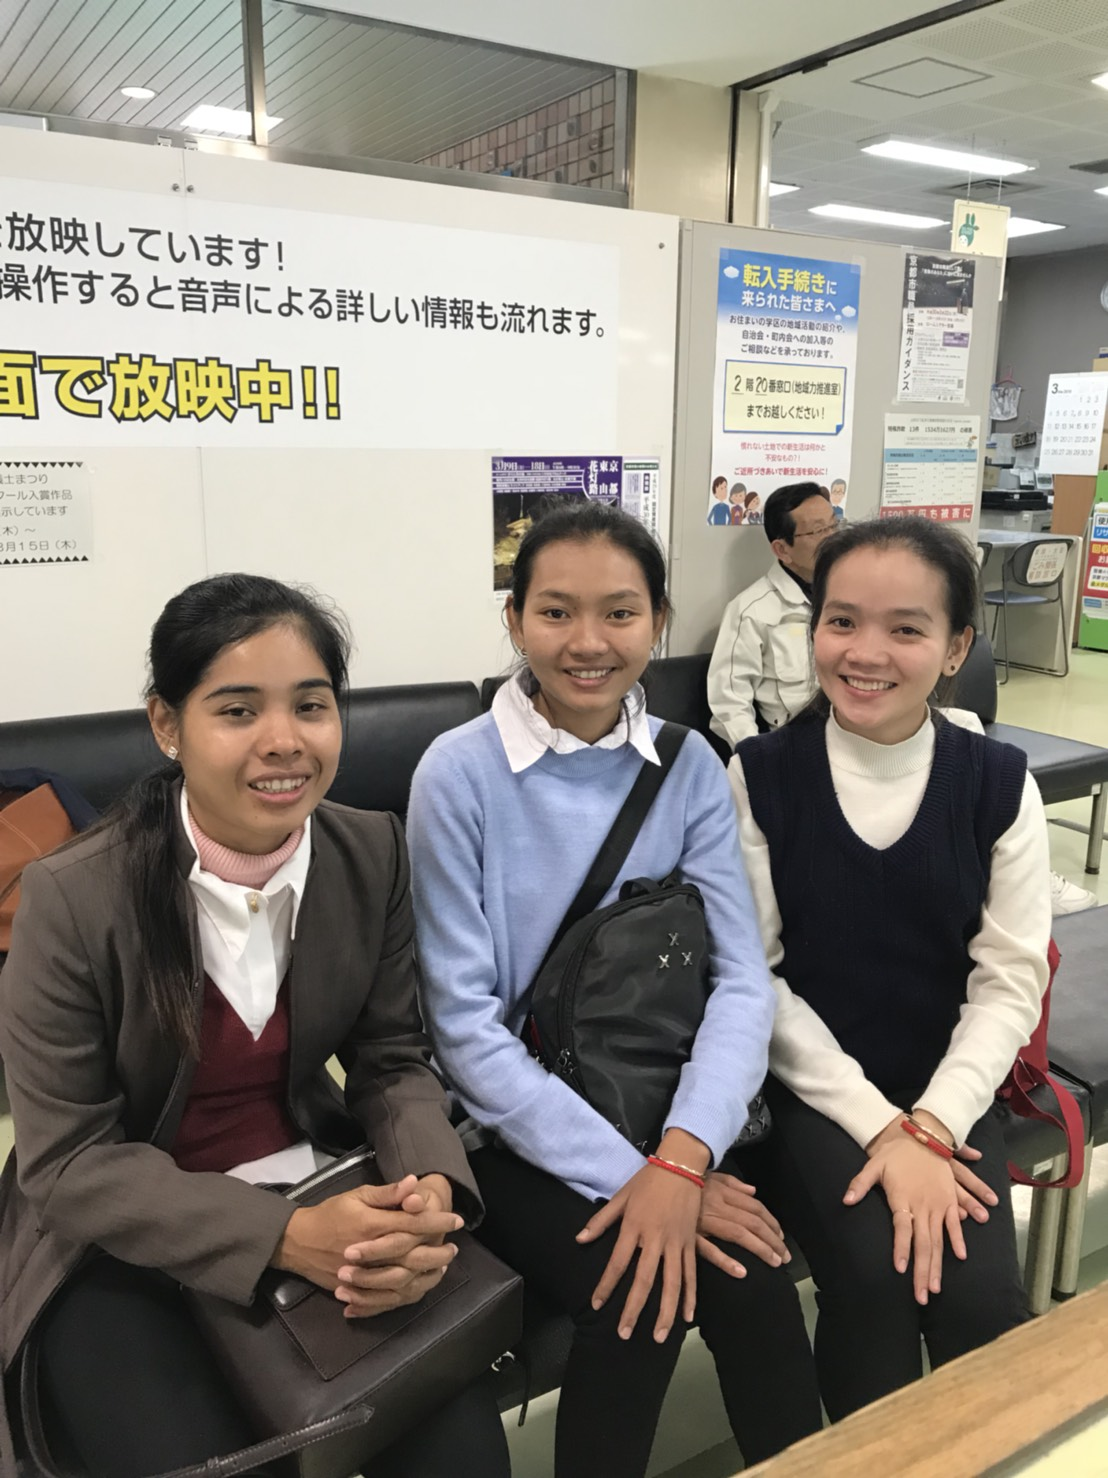 外国人技能実習生が企業様へ配属となりました。